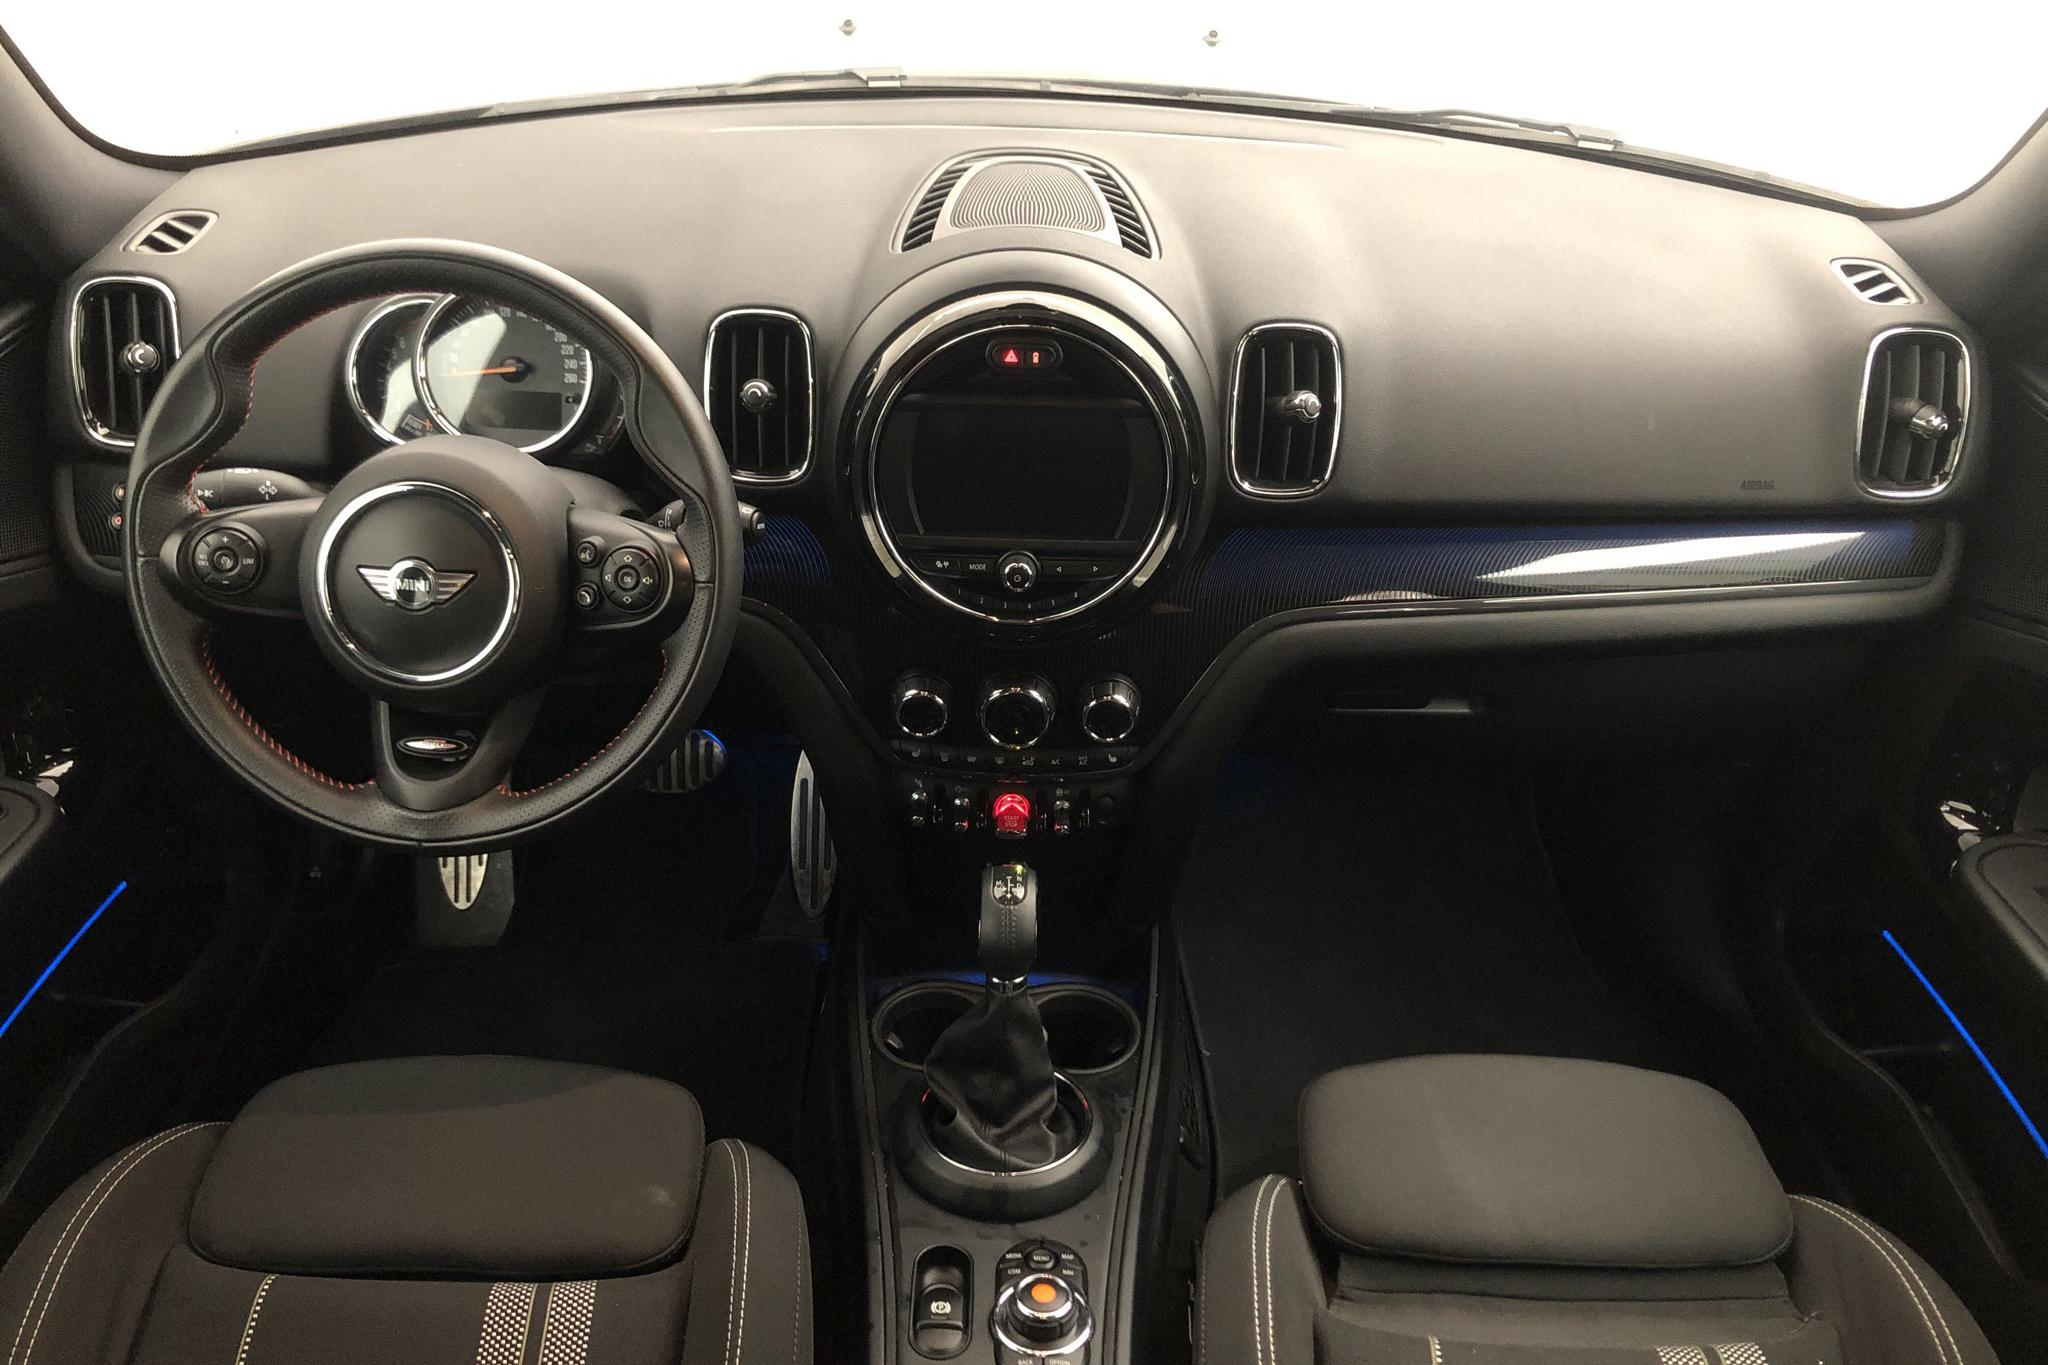 MINI Cooper ALL4 Countryman, F60 (136hk) - 18 790 km - Automatic - green - 2018